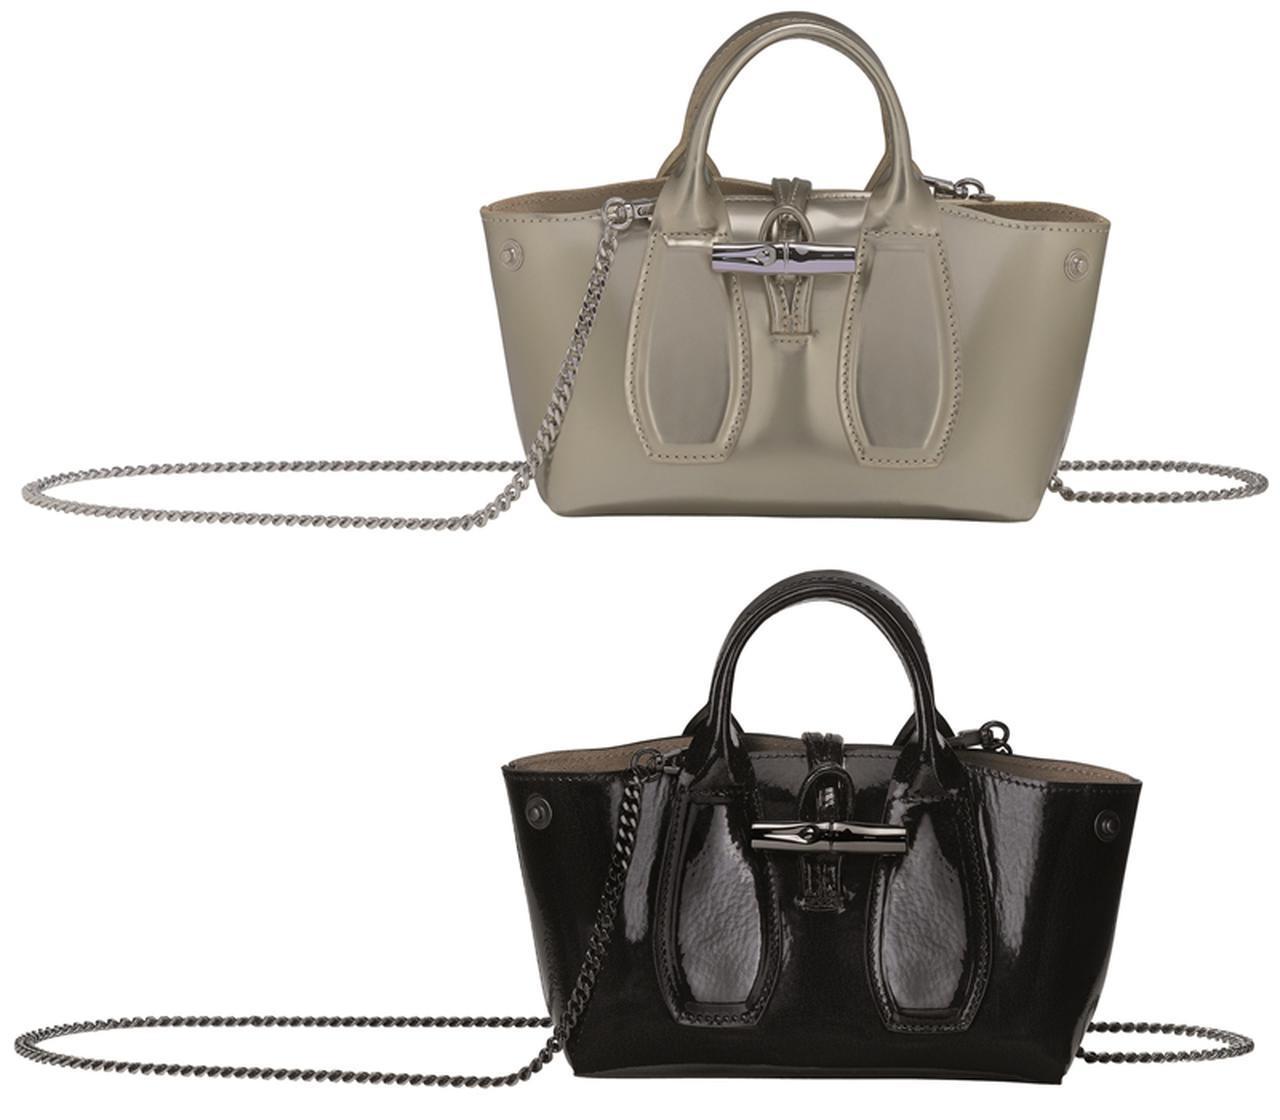 画像2: ロンシャン新作バッグ、アイコニックな「バンブー」を再解釈